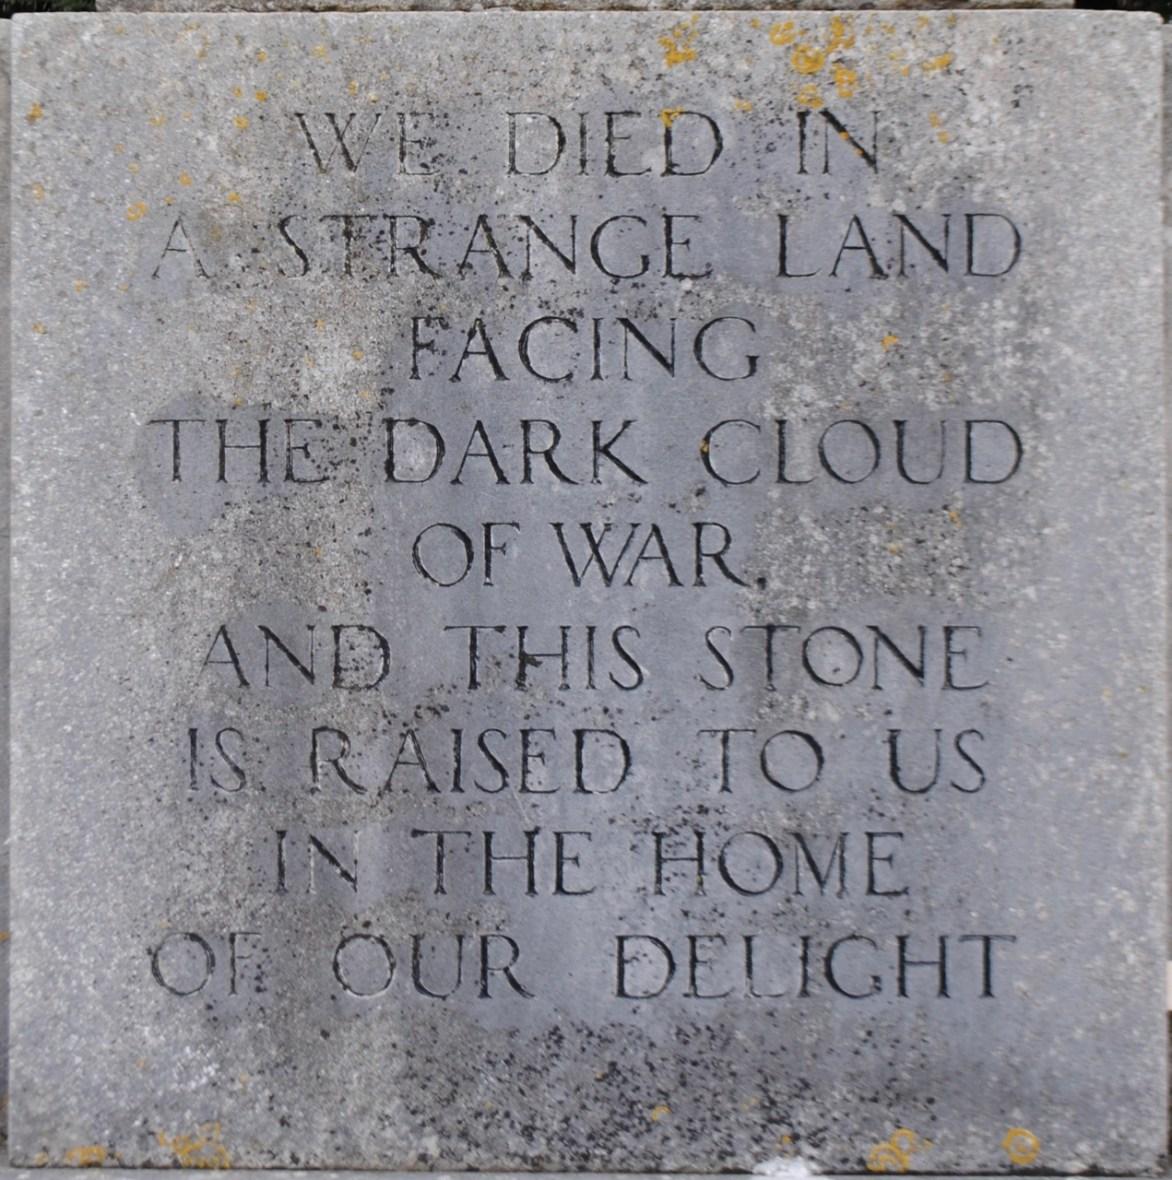 Mells war memorial inscription